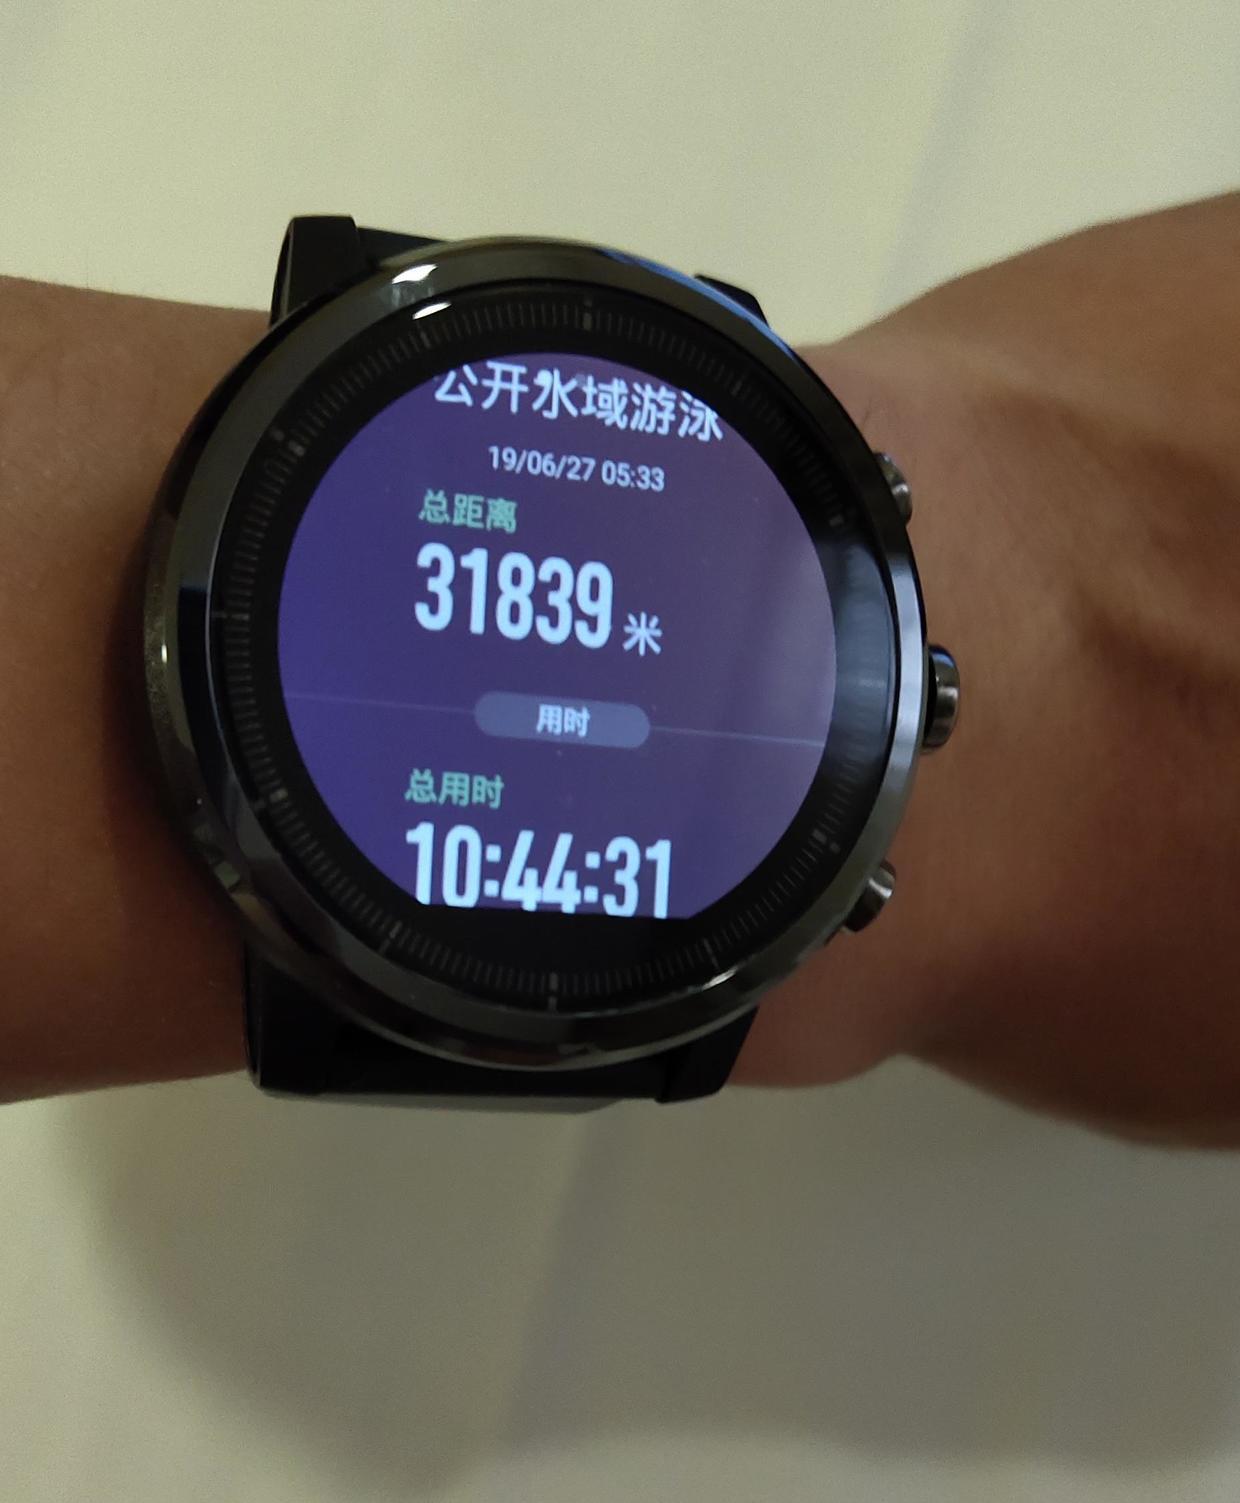 手表中记录的数据